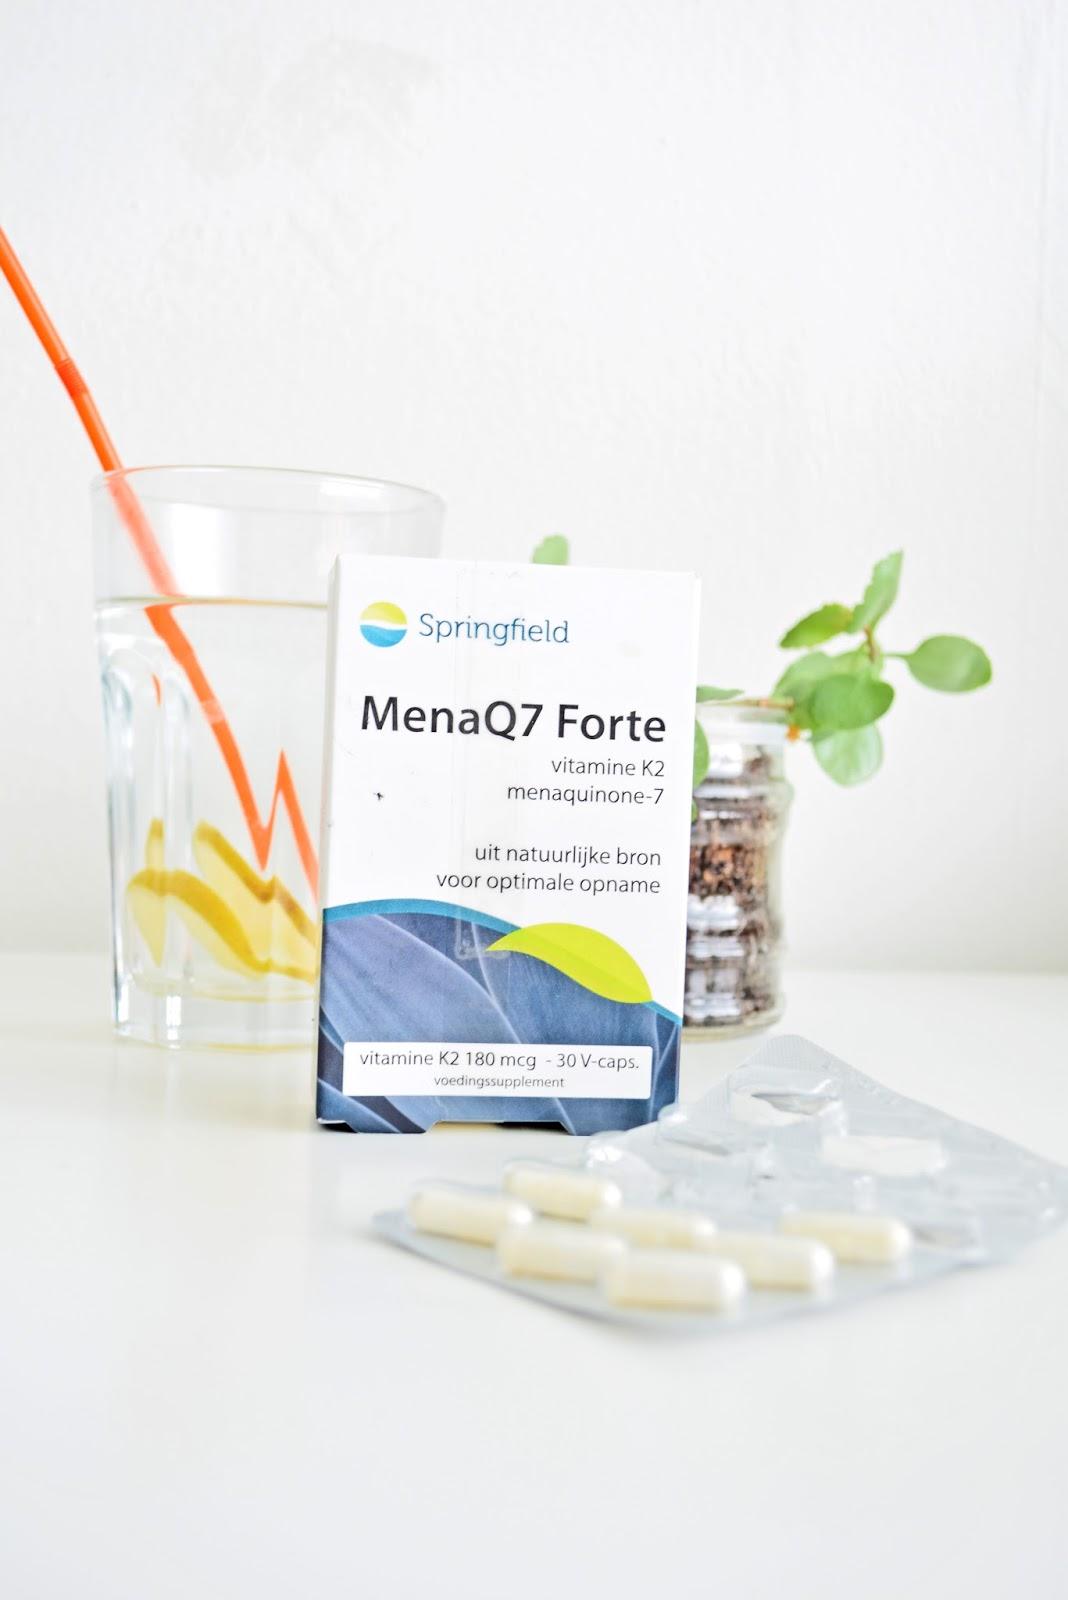 MenaQ7 forte